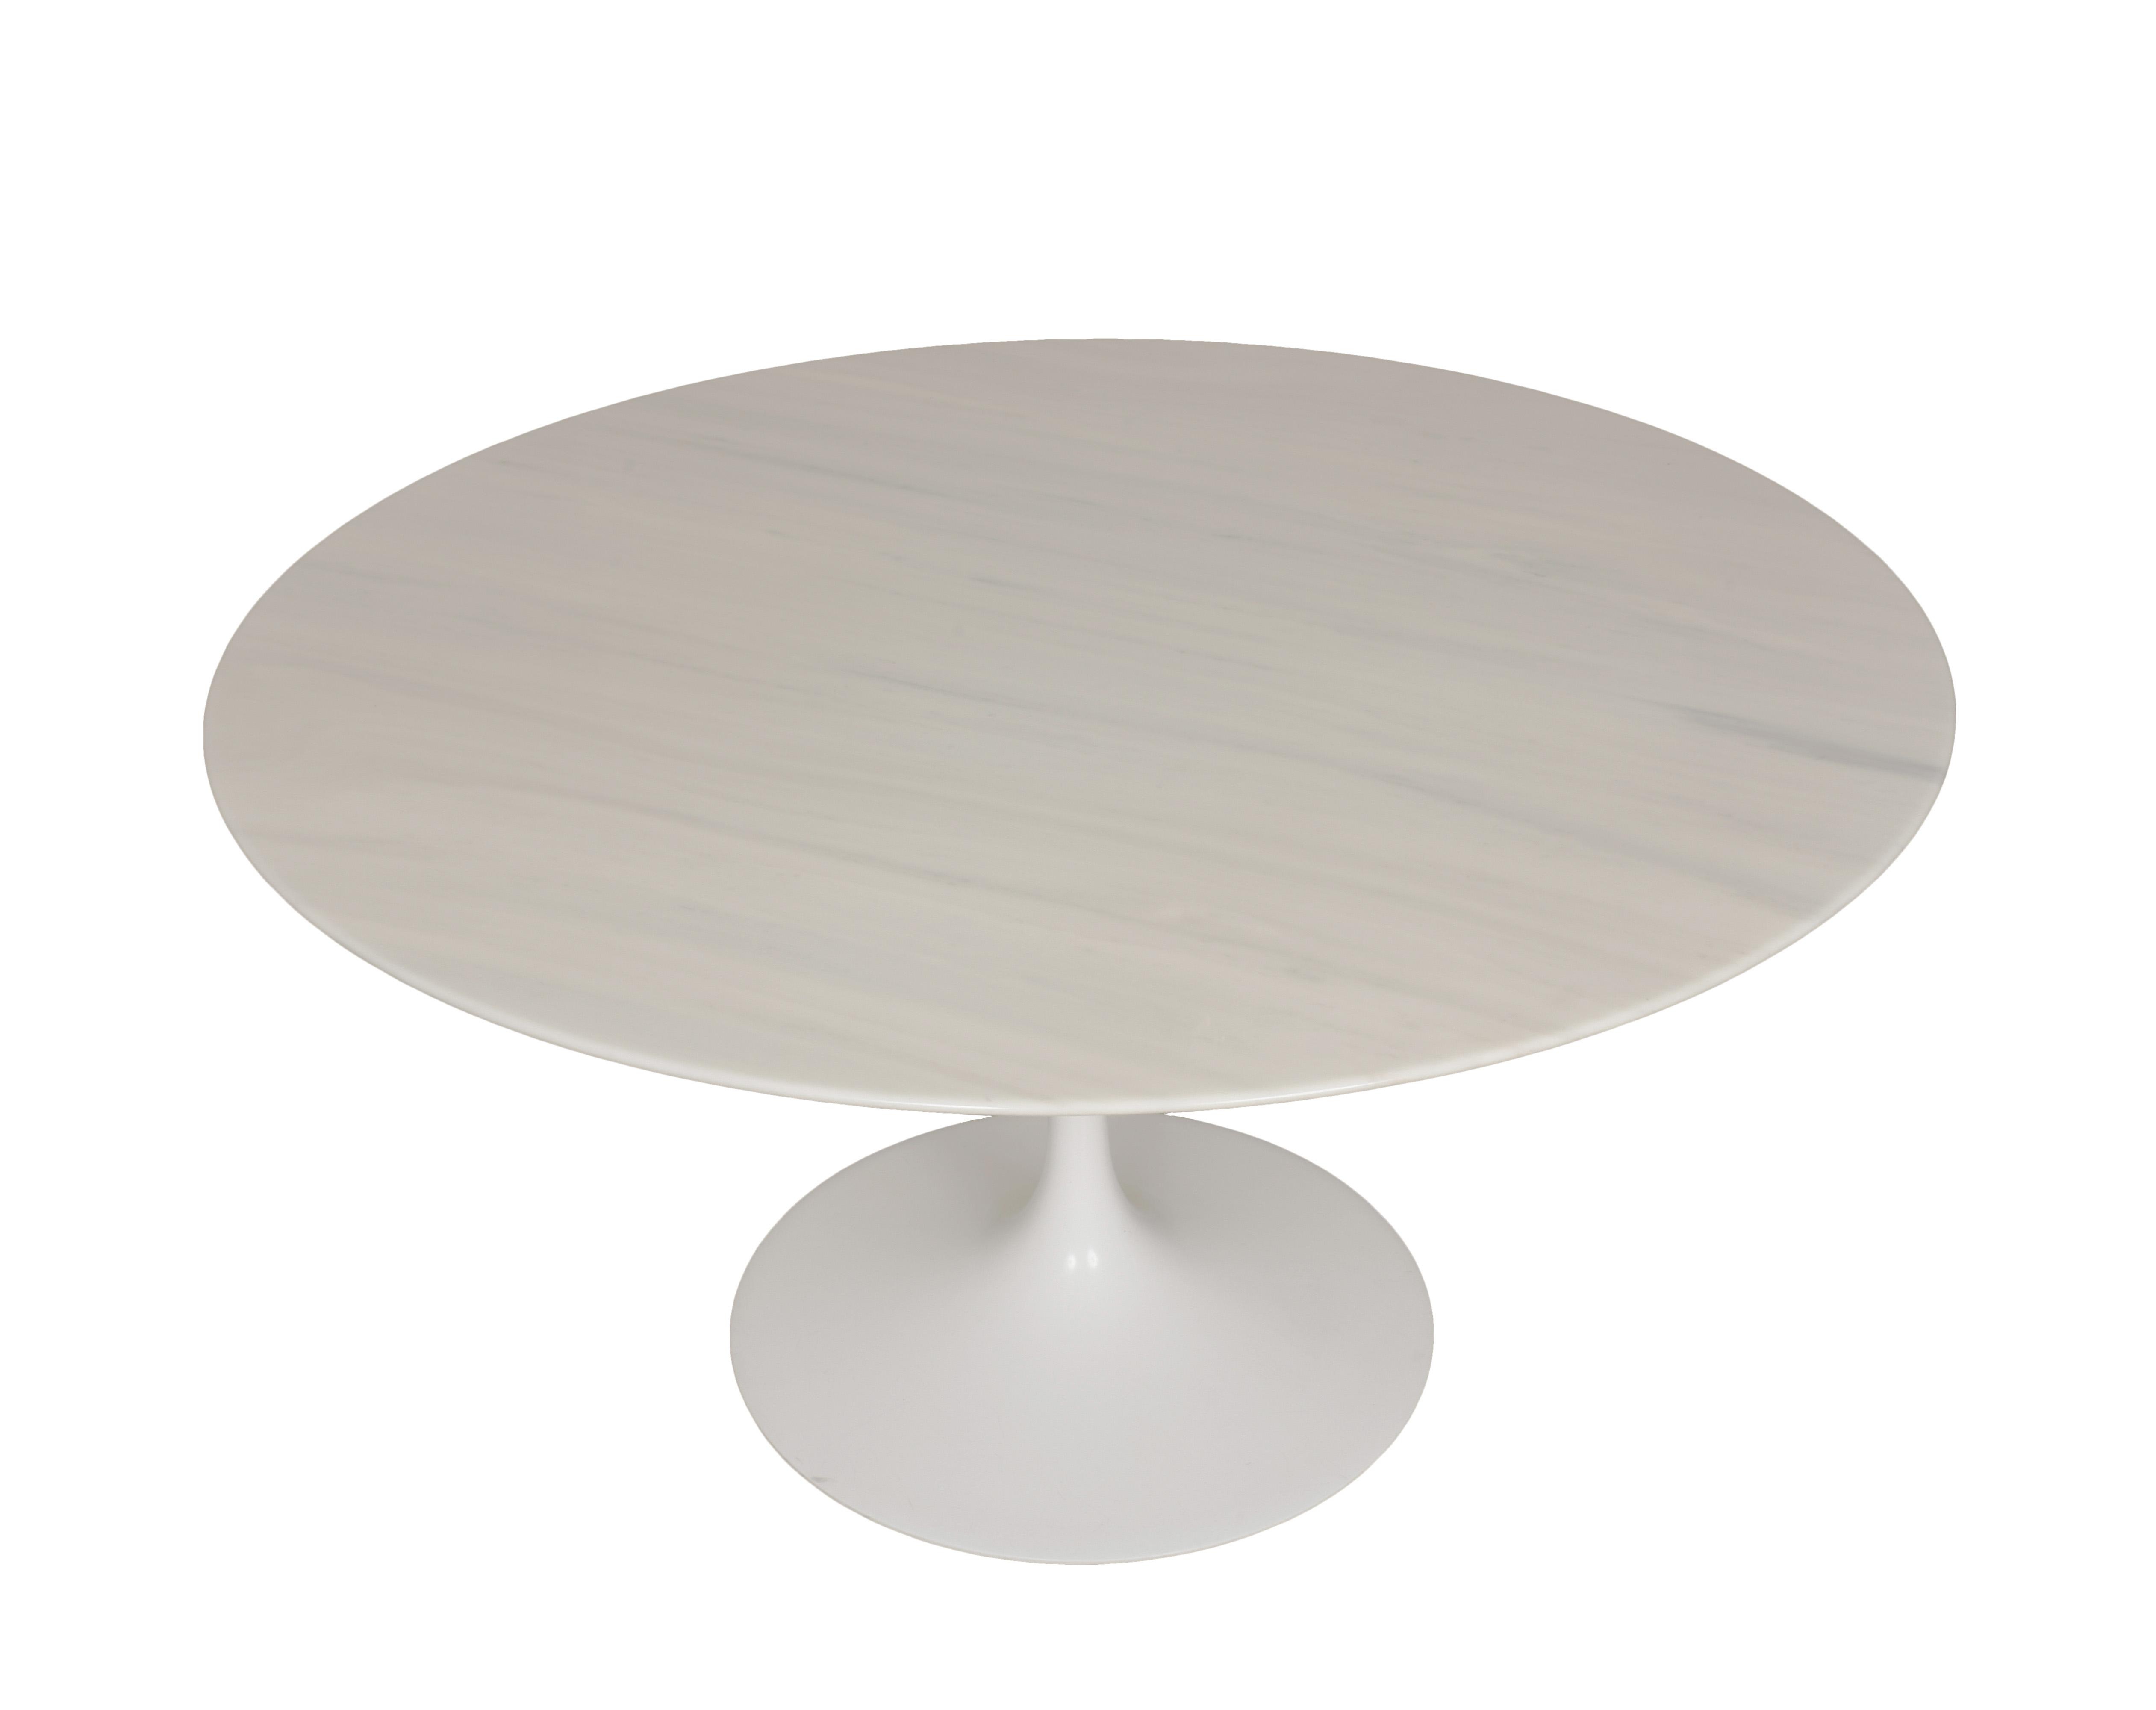 Tavolo Saarinen Misure : Eero saarinen tulip carrara marble table round knoll